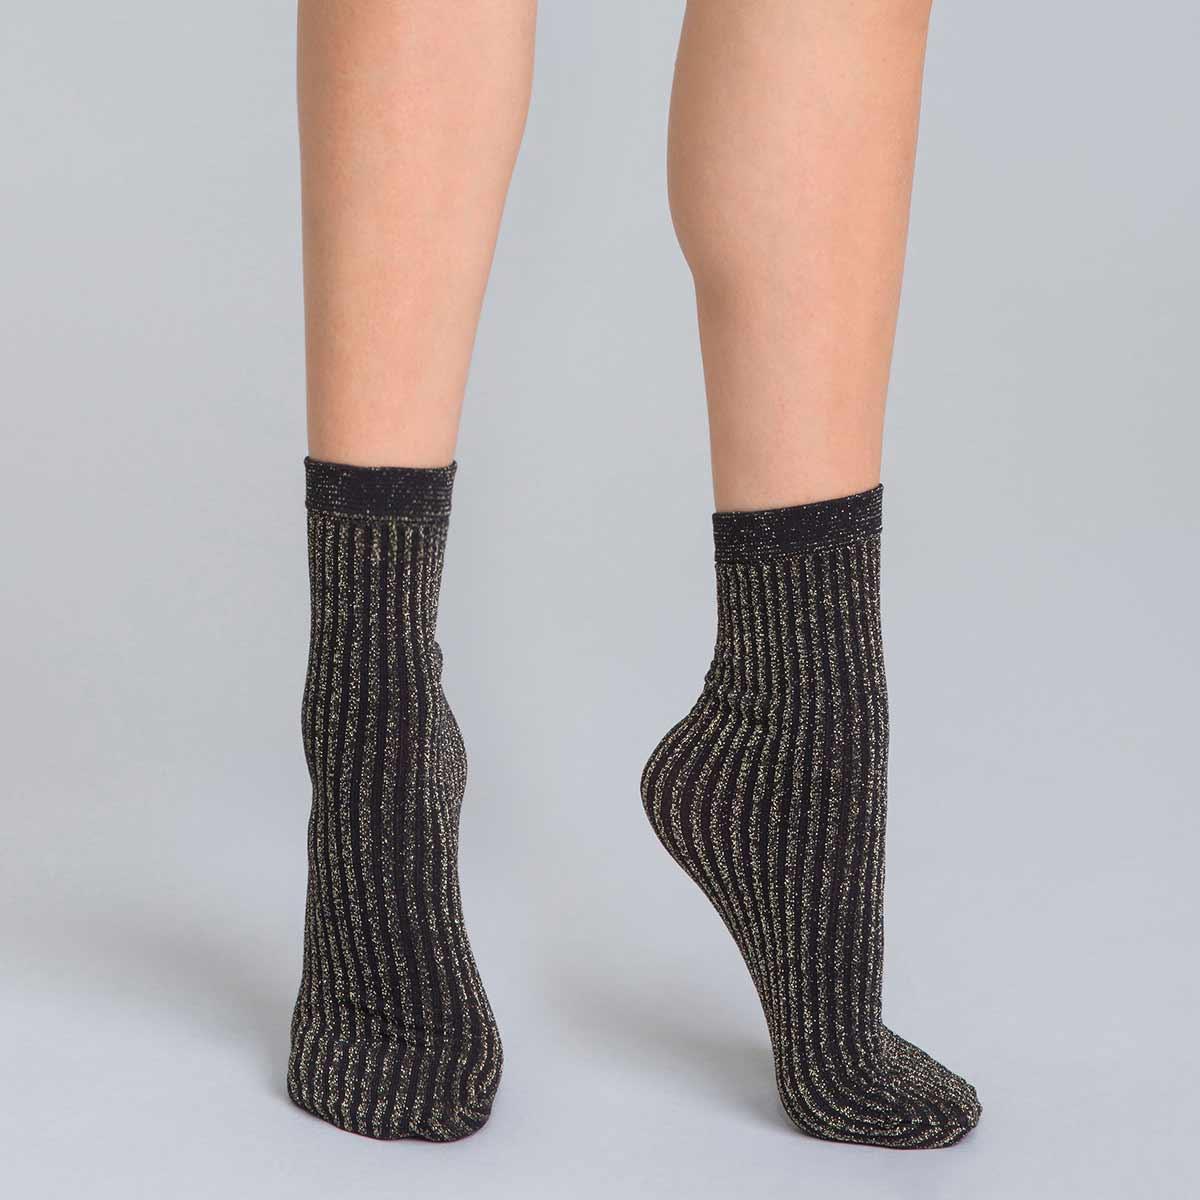 89f4e590c Calcetines de media negros transparentes con bordados para mujer